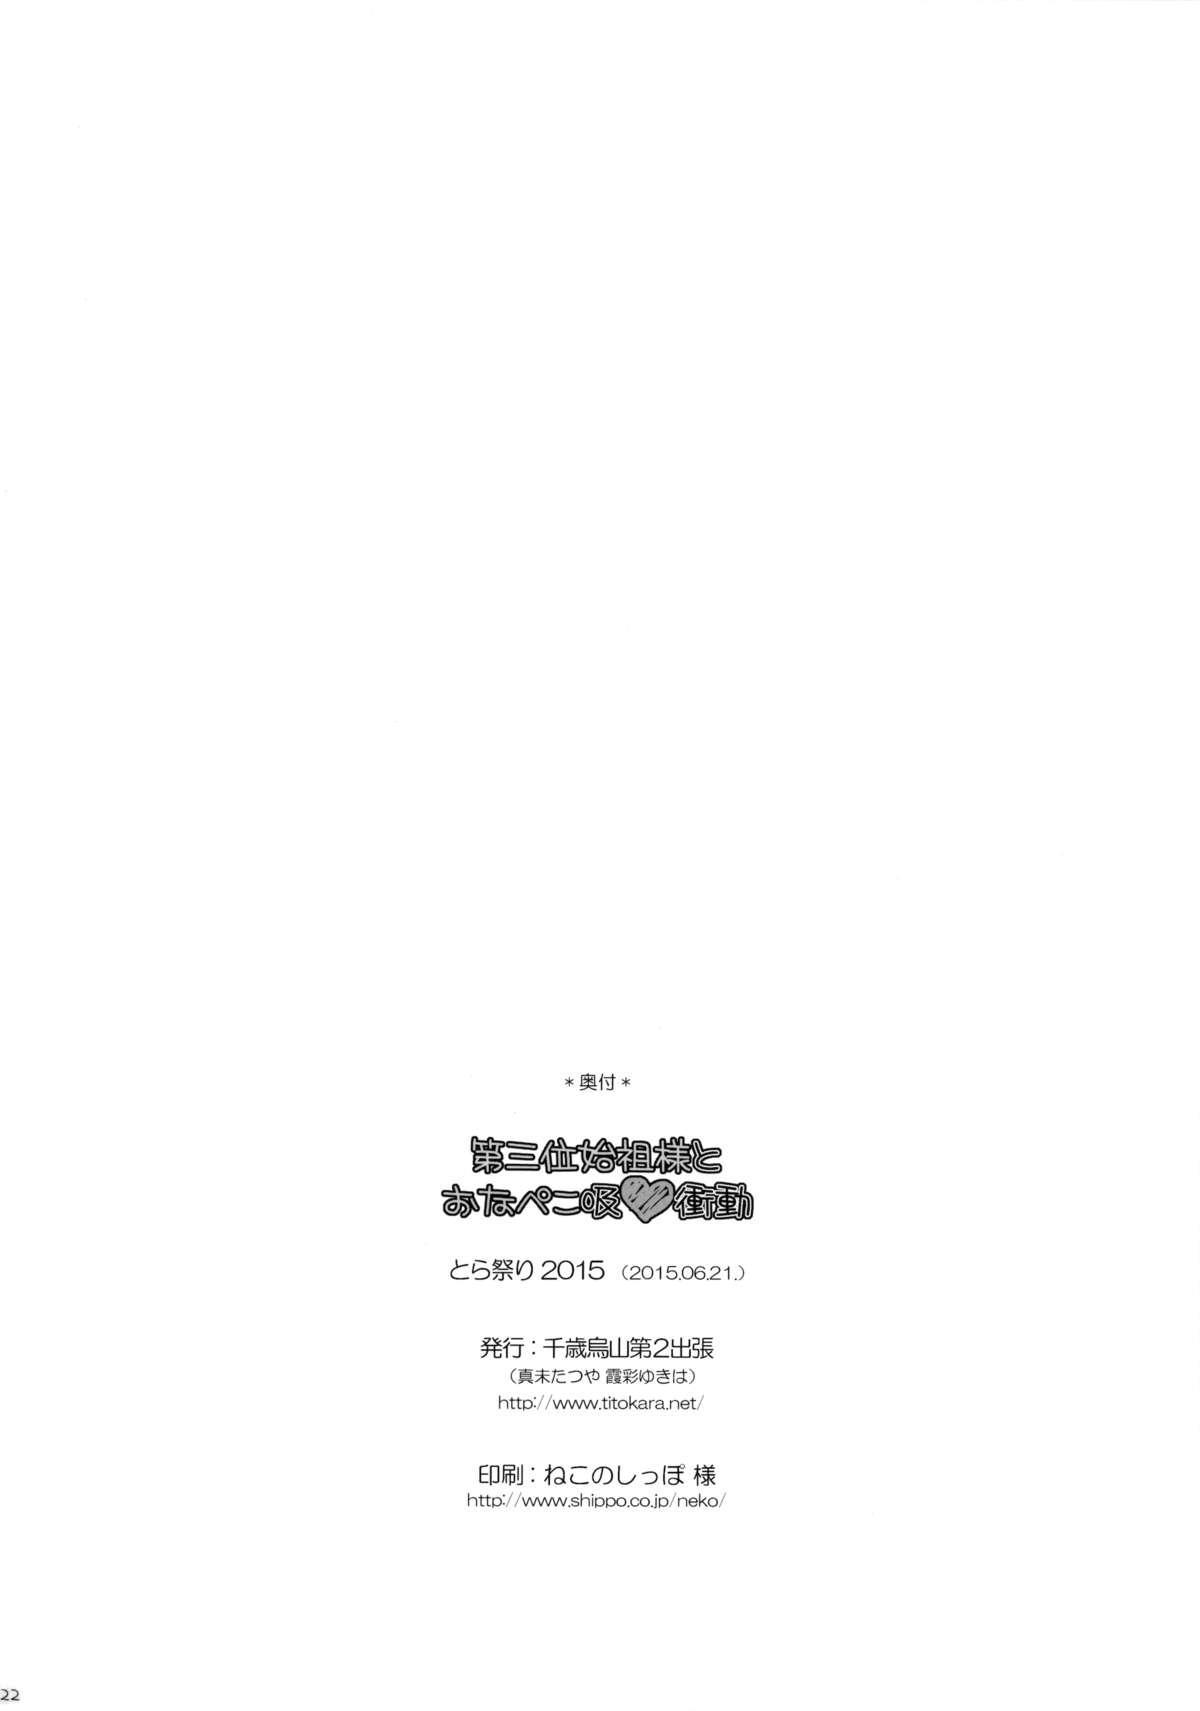 (Tora Matsuri 2015) [Titokara 2nd Branch (Manami Tatsuya, Kasai Yukiha)] Dai San Kurai Shiso-sama to Onapeko-kyuu Shoudou (Owari no Seraph) 20